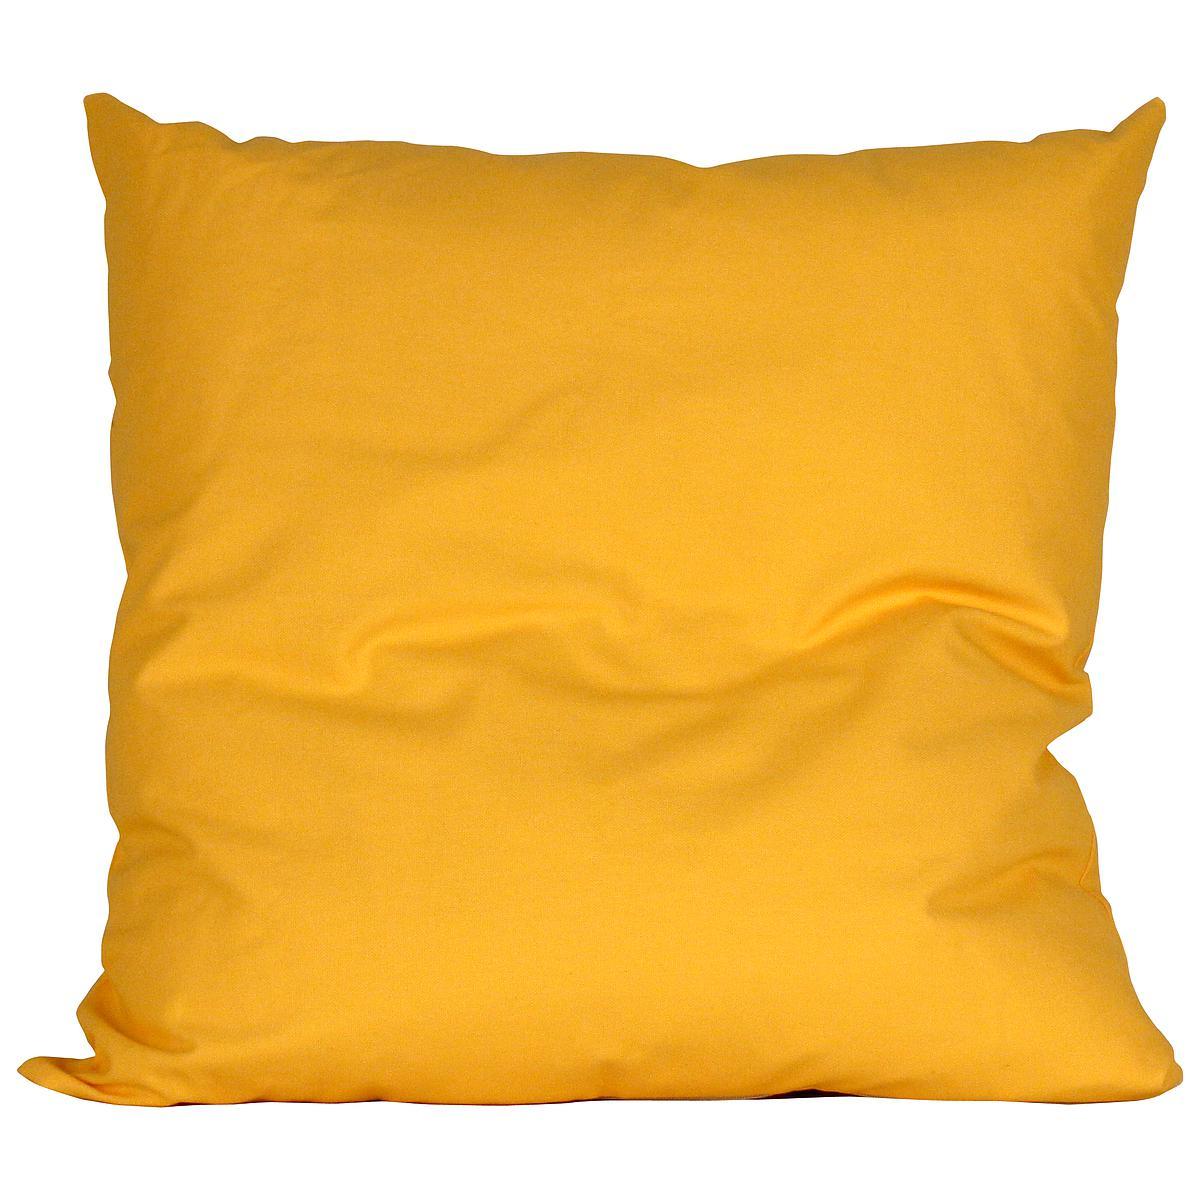 Kissen gross 60x60 DELUXE de Breuyn in gelb